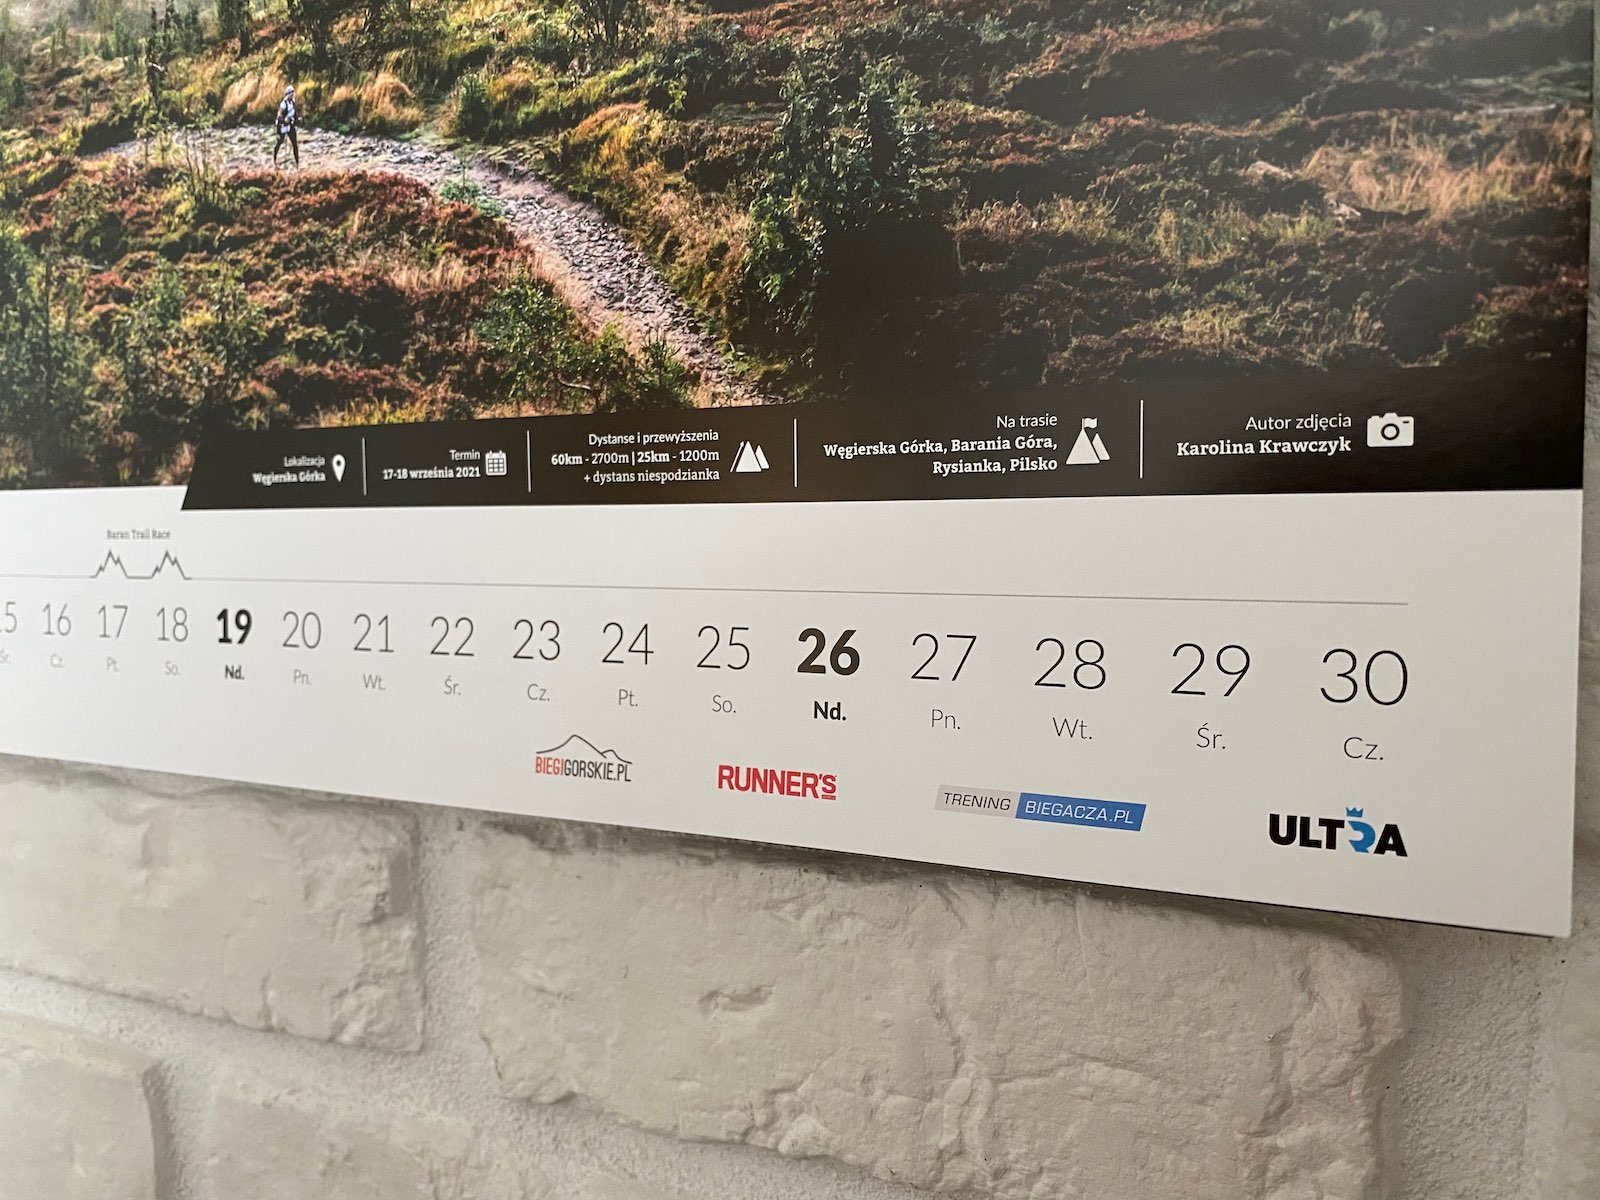 Kalendarz Ultratrail - szczegóły wydarzenia